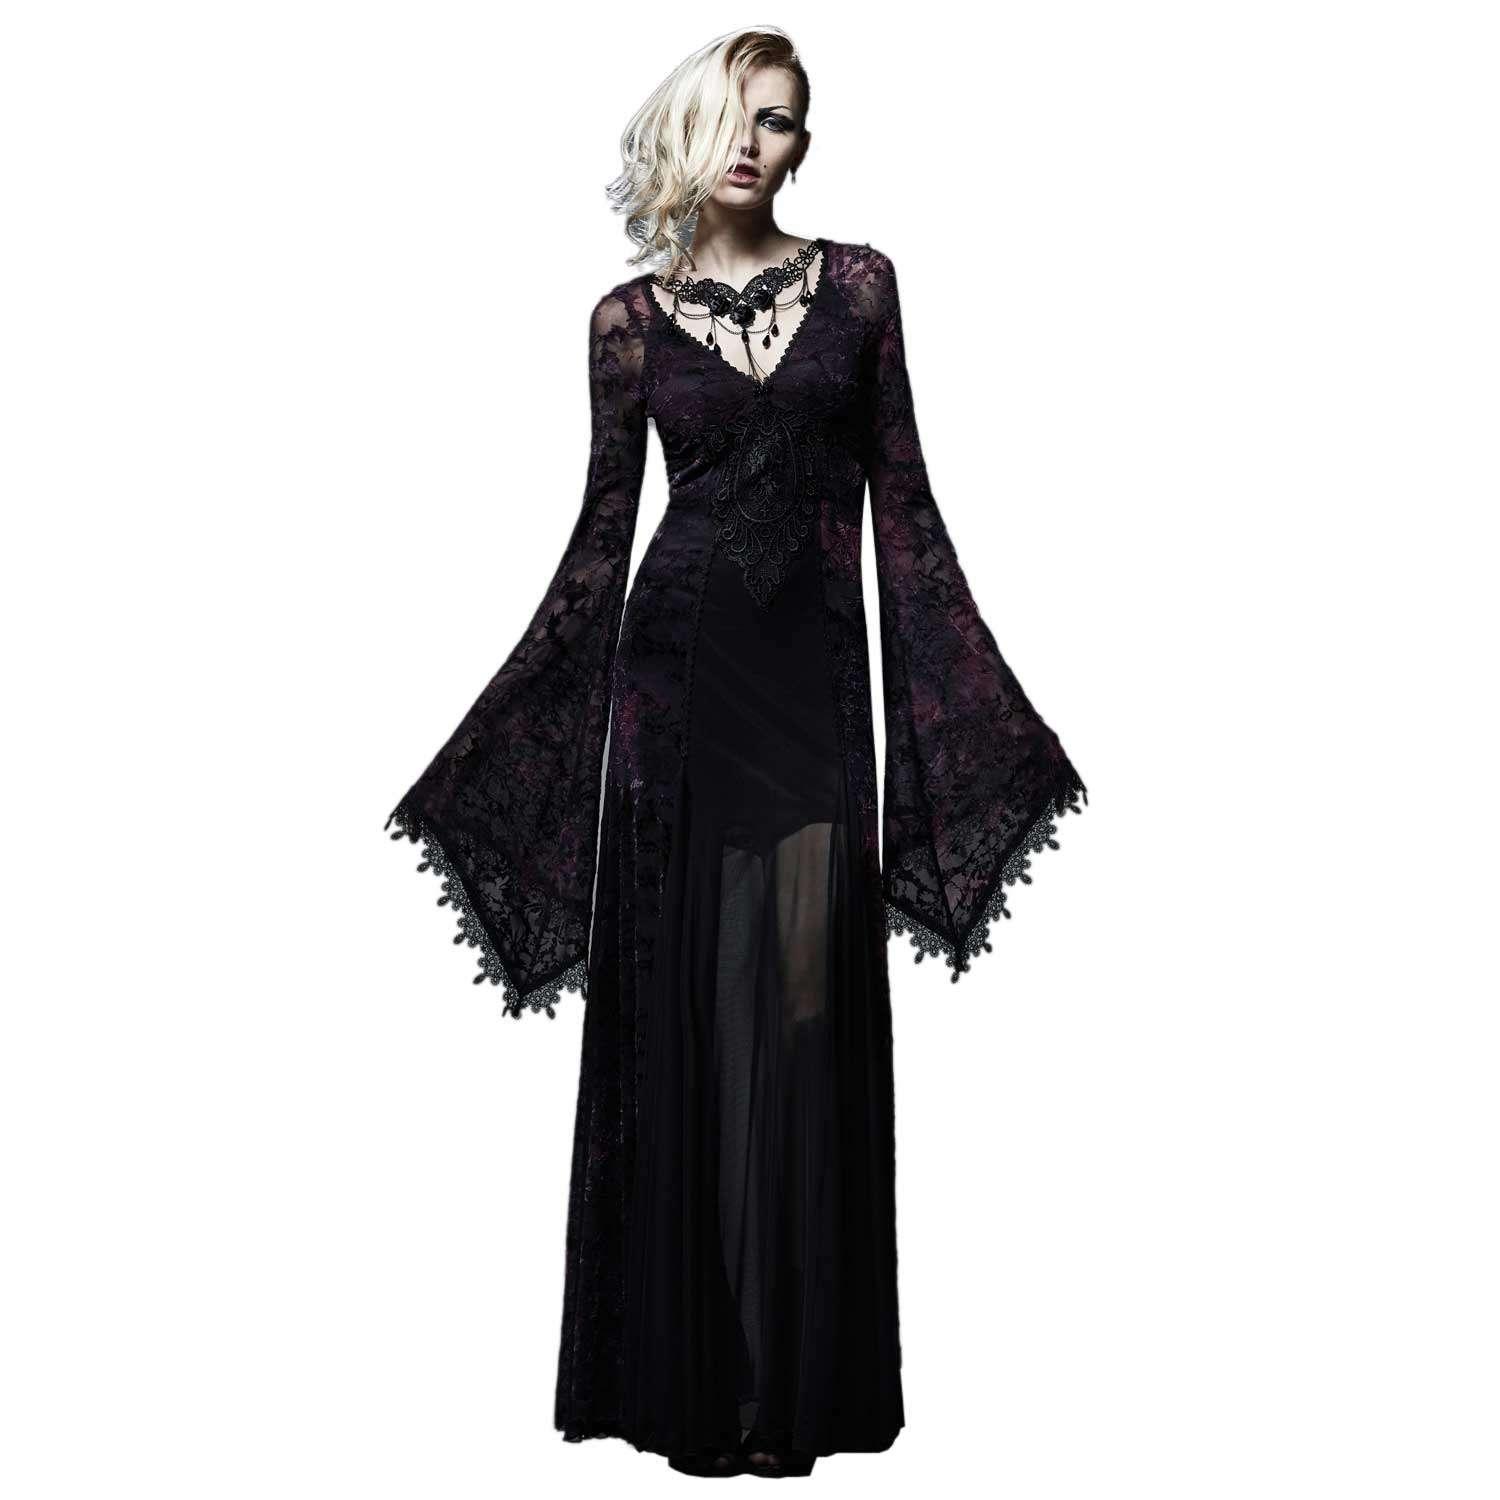 Viktorianisches Kleid mit Fledermausärmeln und Stickereien ...